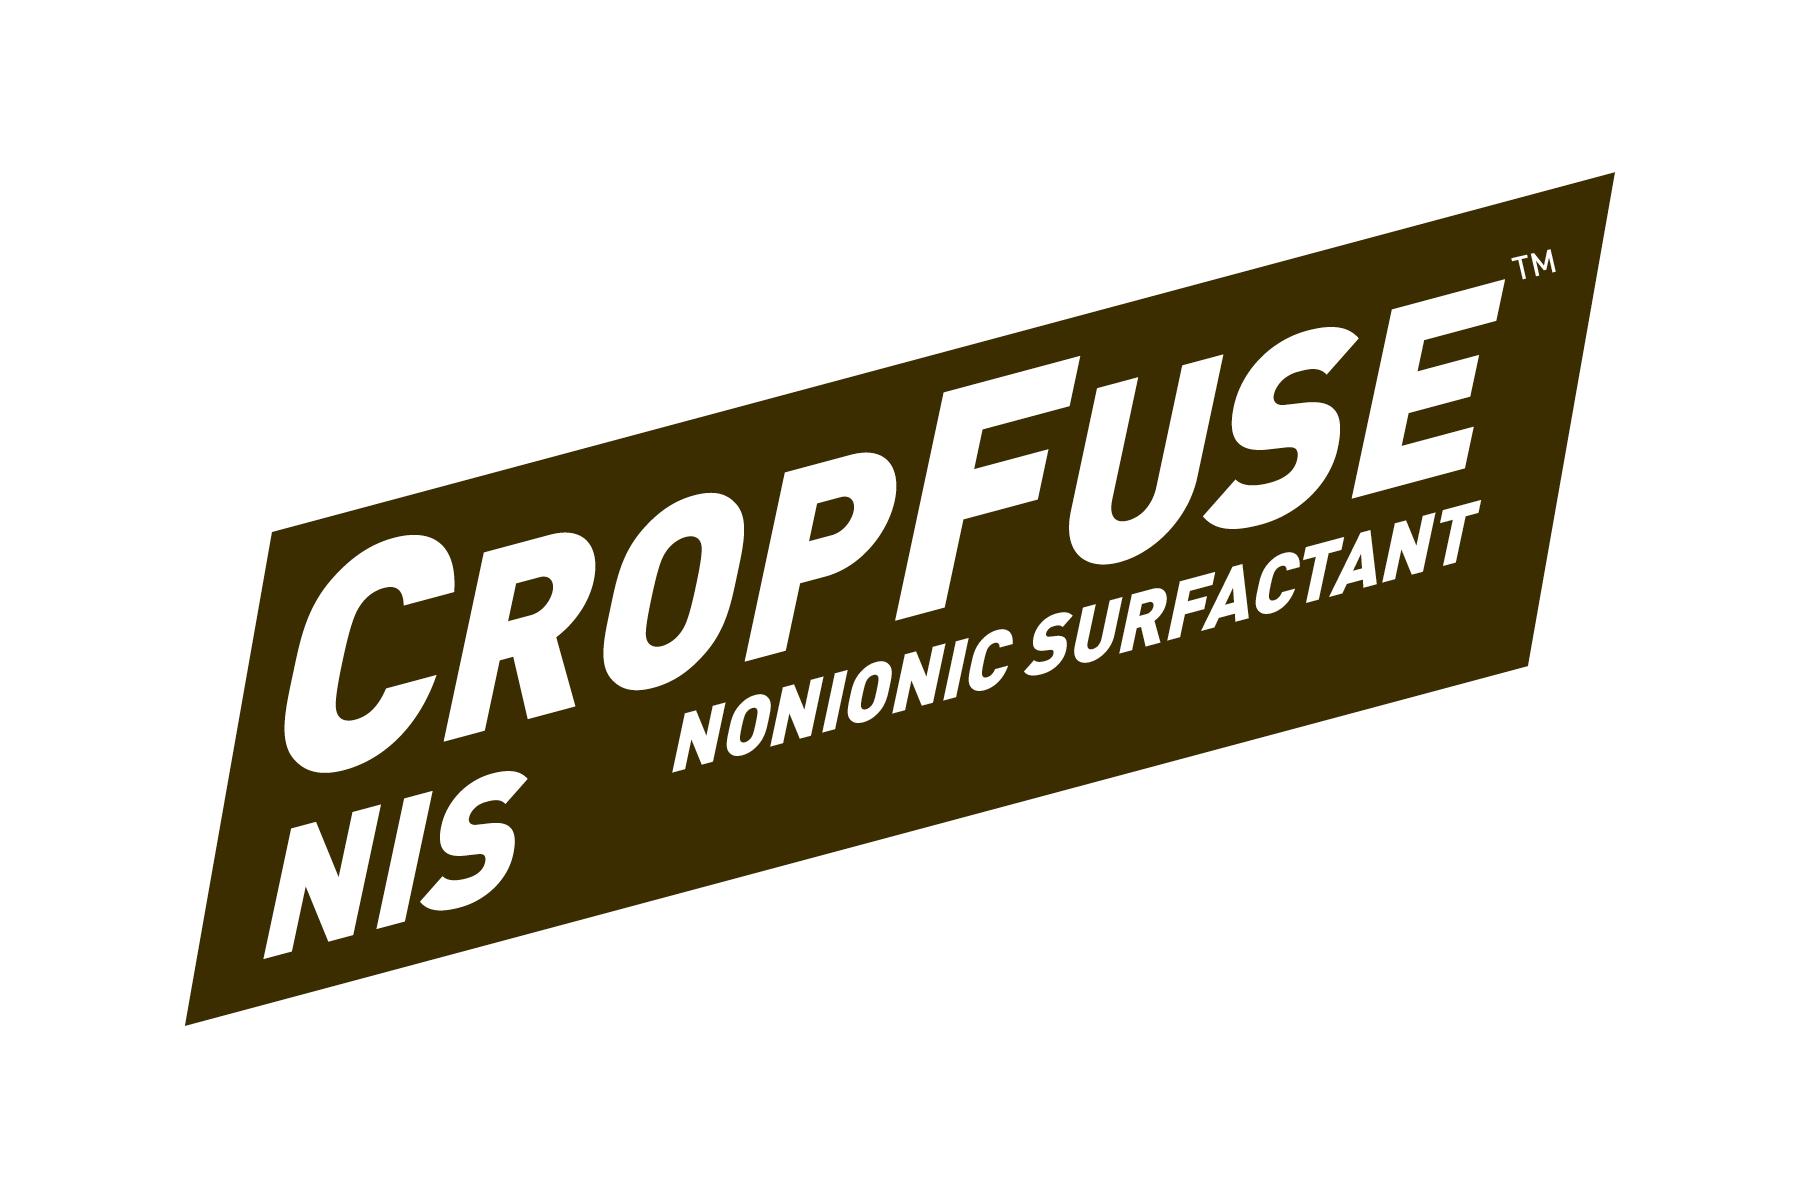 CROPFUSE™ NIS